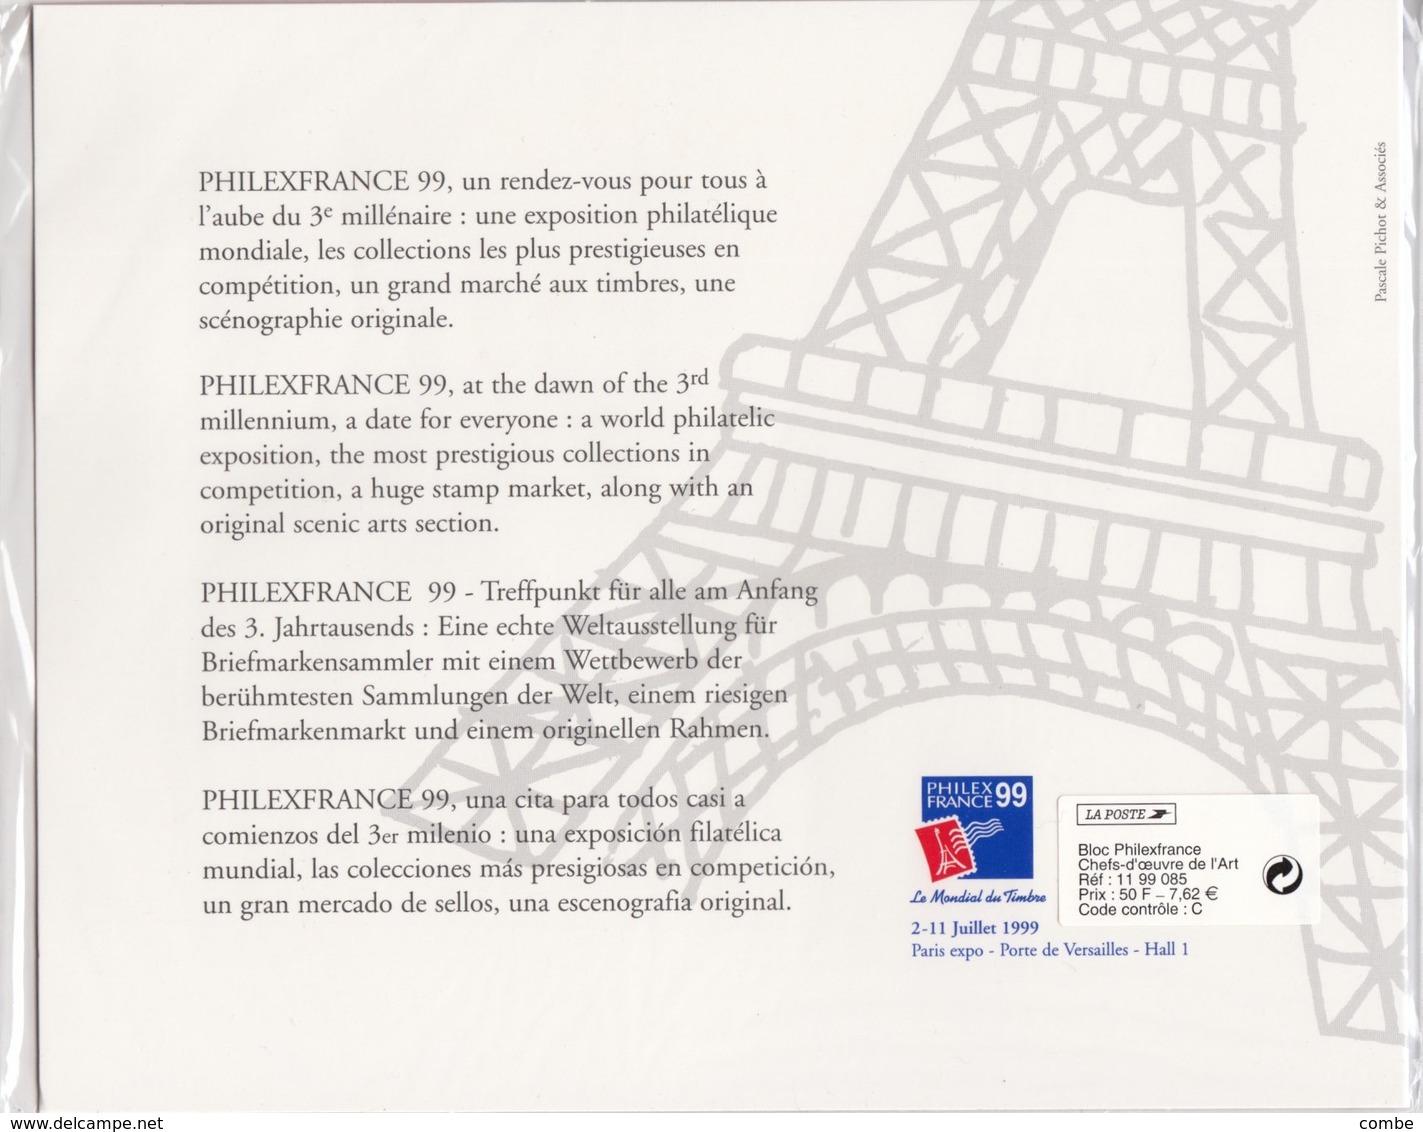 CHEF D'OEUVRE DE L'ART. PHILEX 99. NEUF SOUE BLISTER / 6000 - Sheetlets